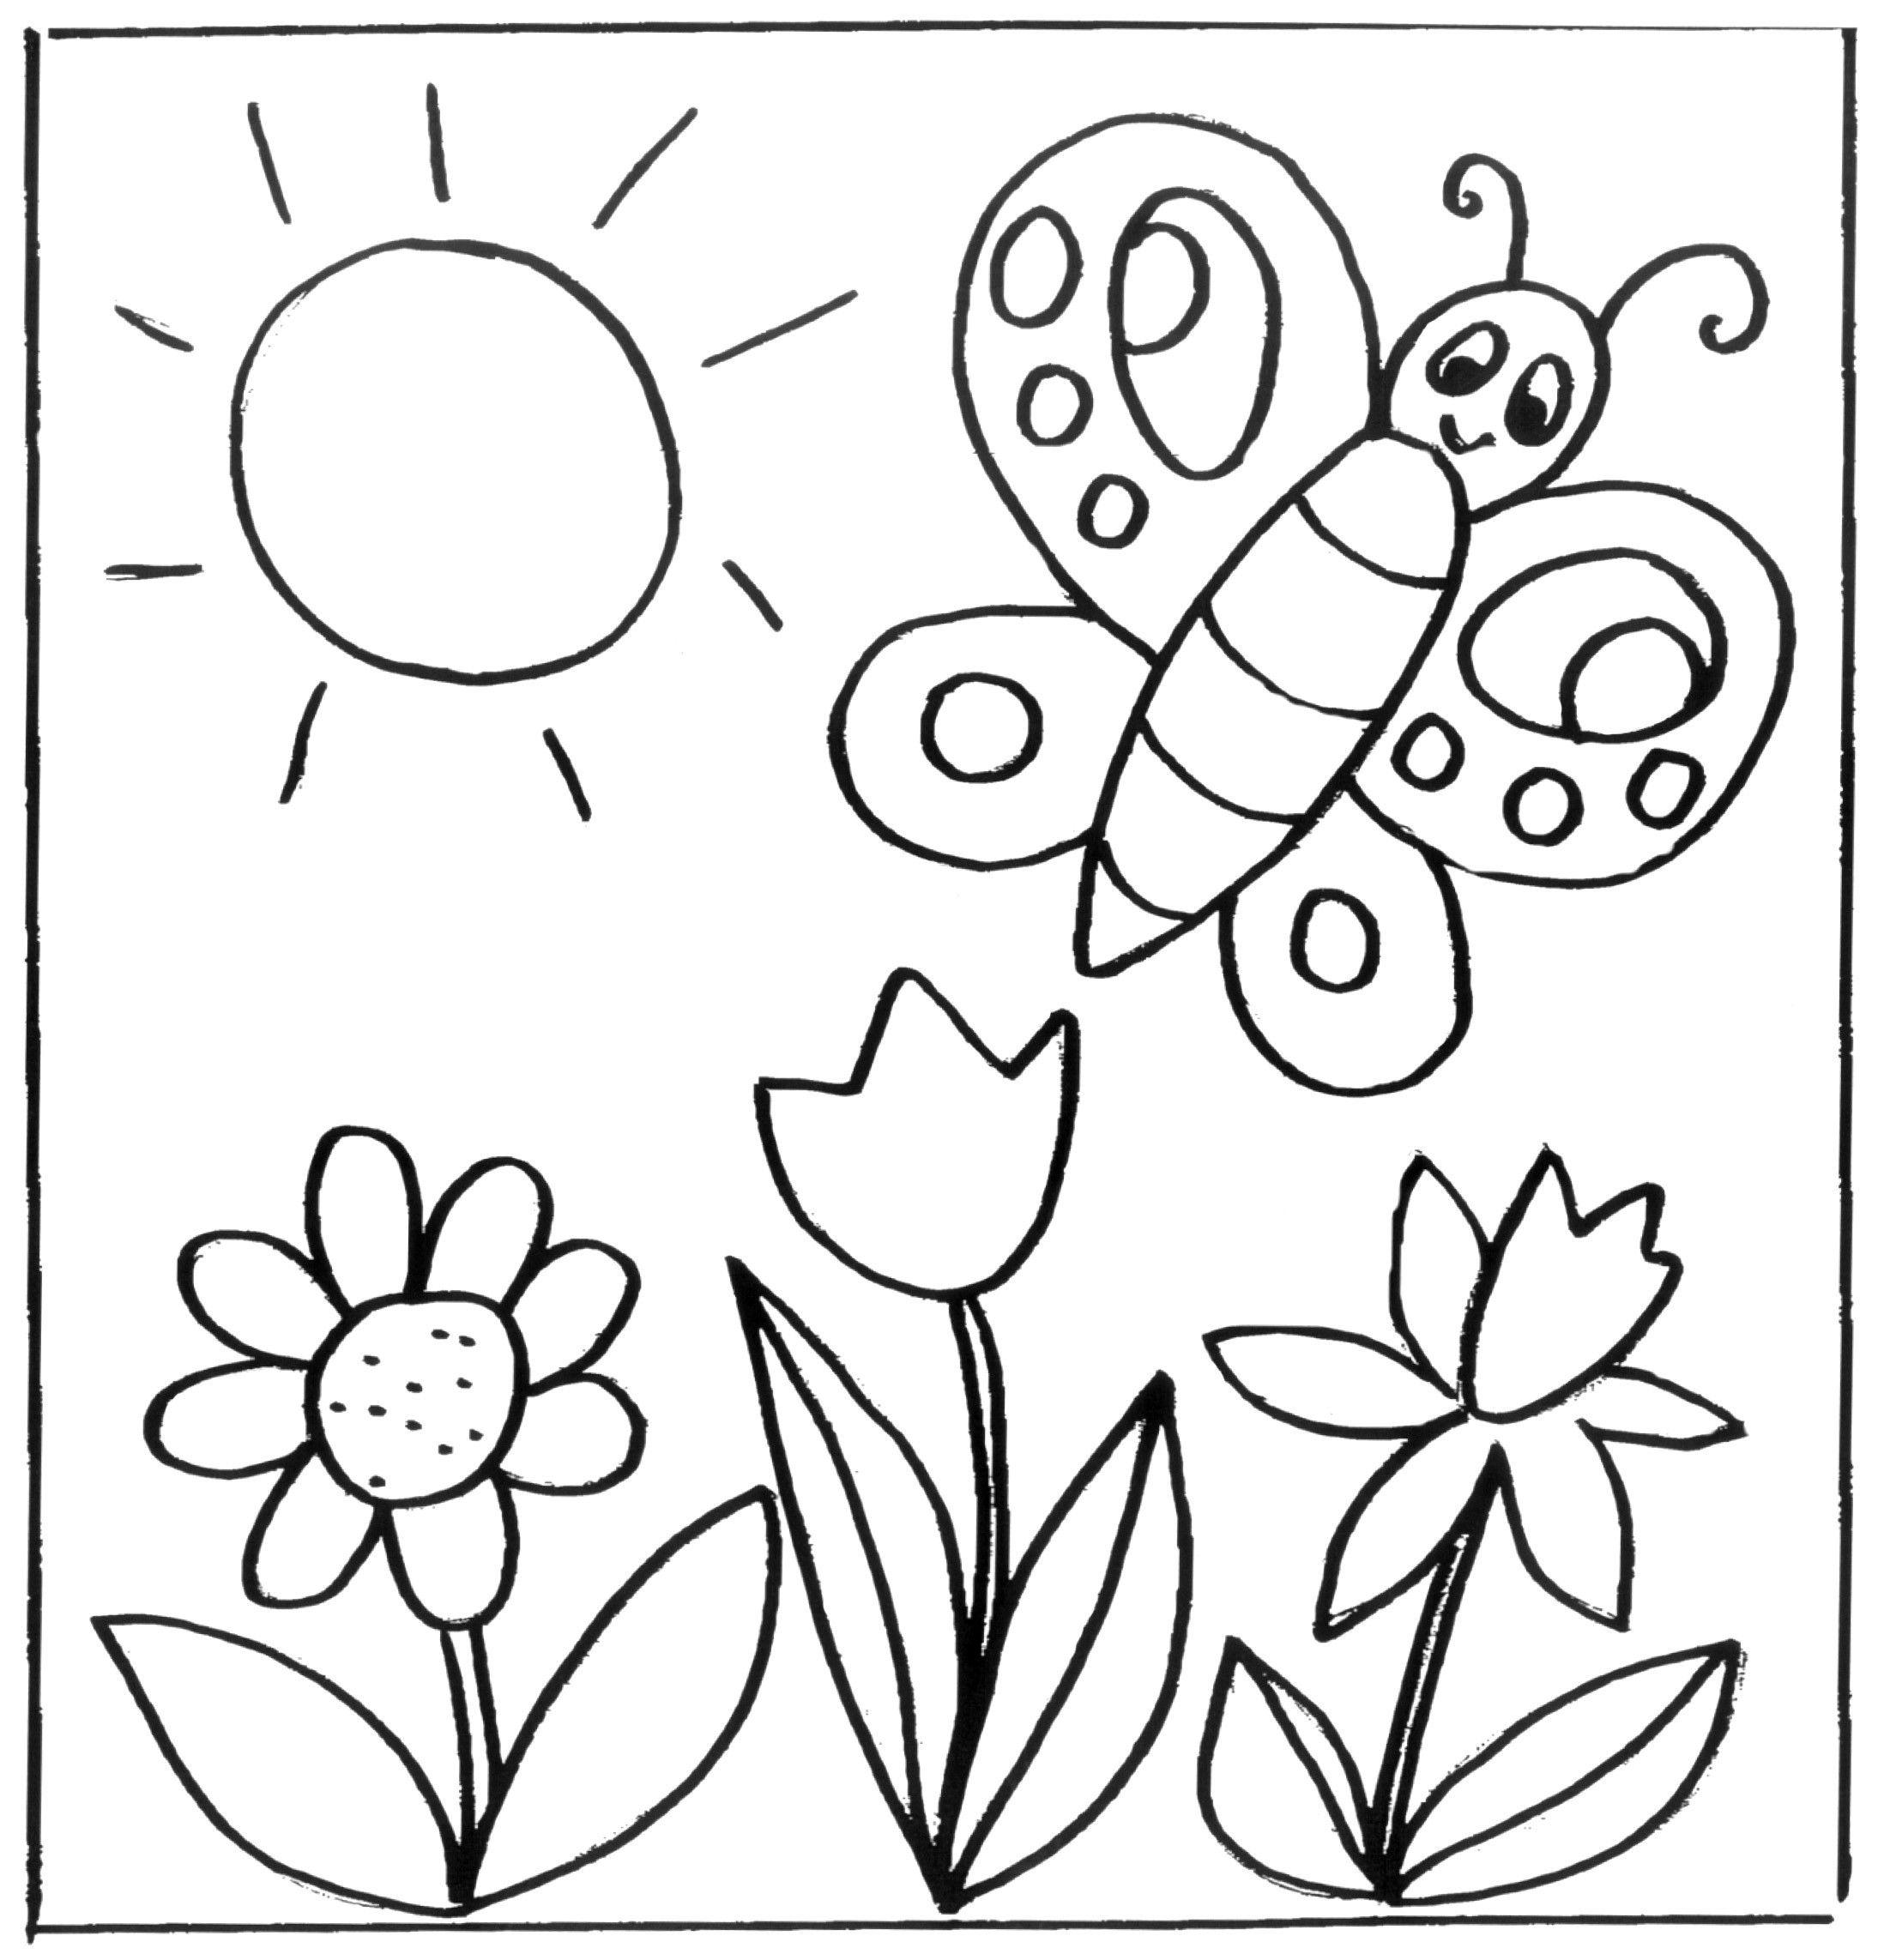 Die 20 Besten Ideen Für Blume Ausmalbilder | Blumen bestimmt für Blumen Ausmalbilder Gratis